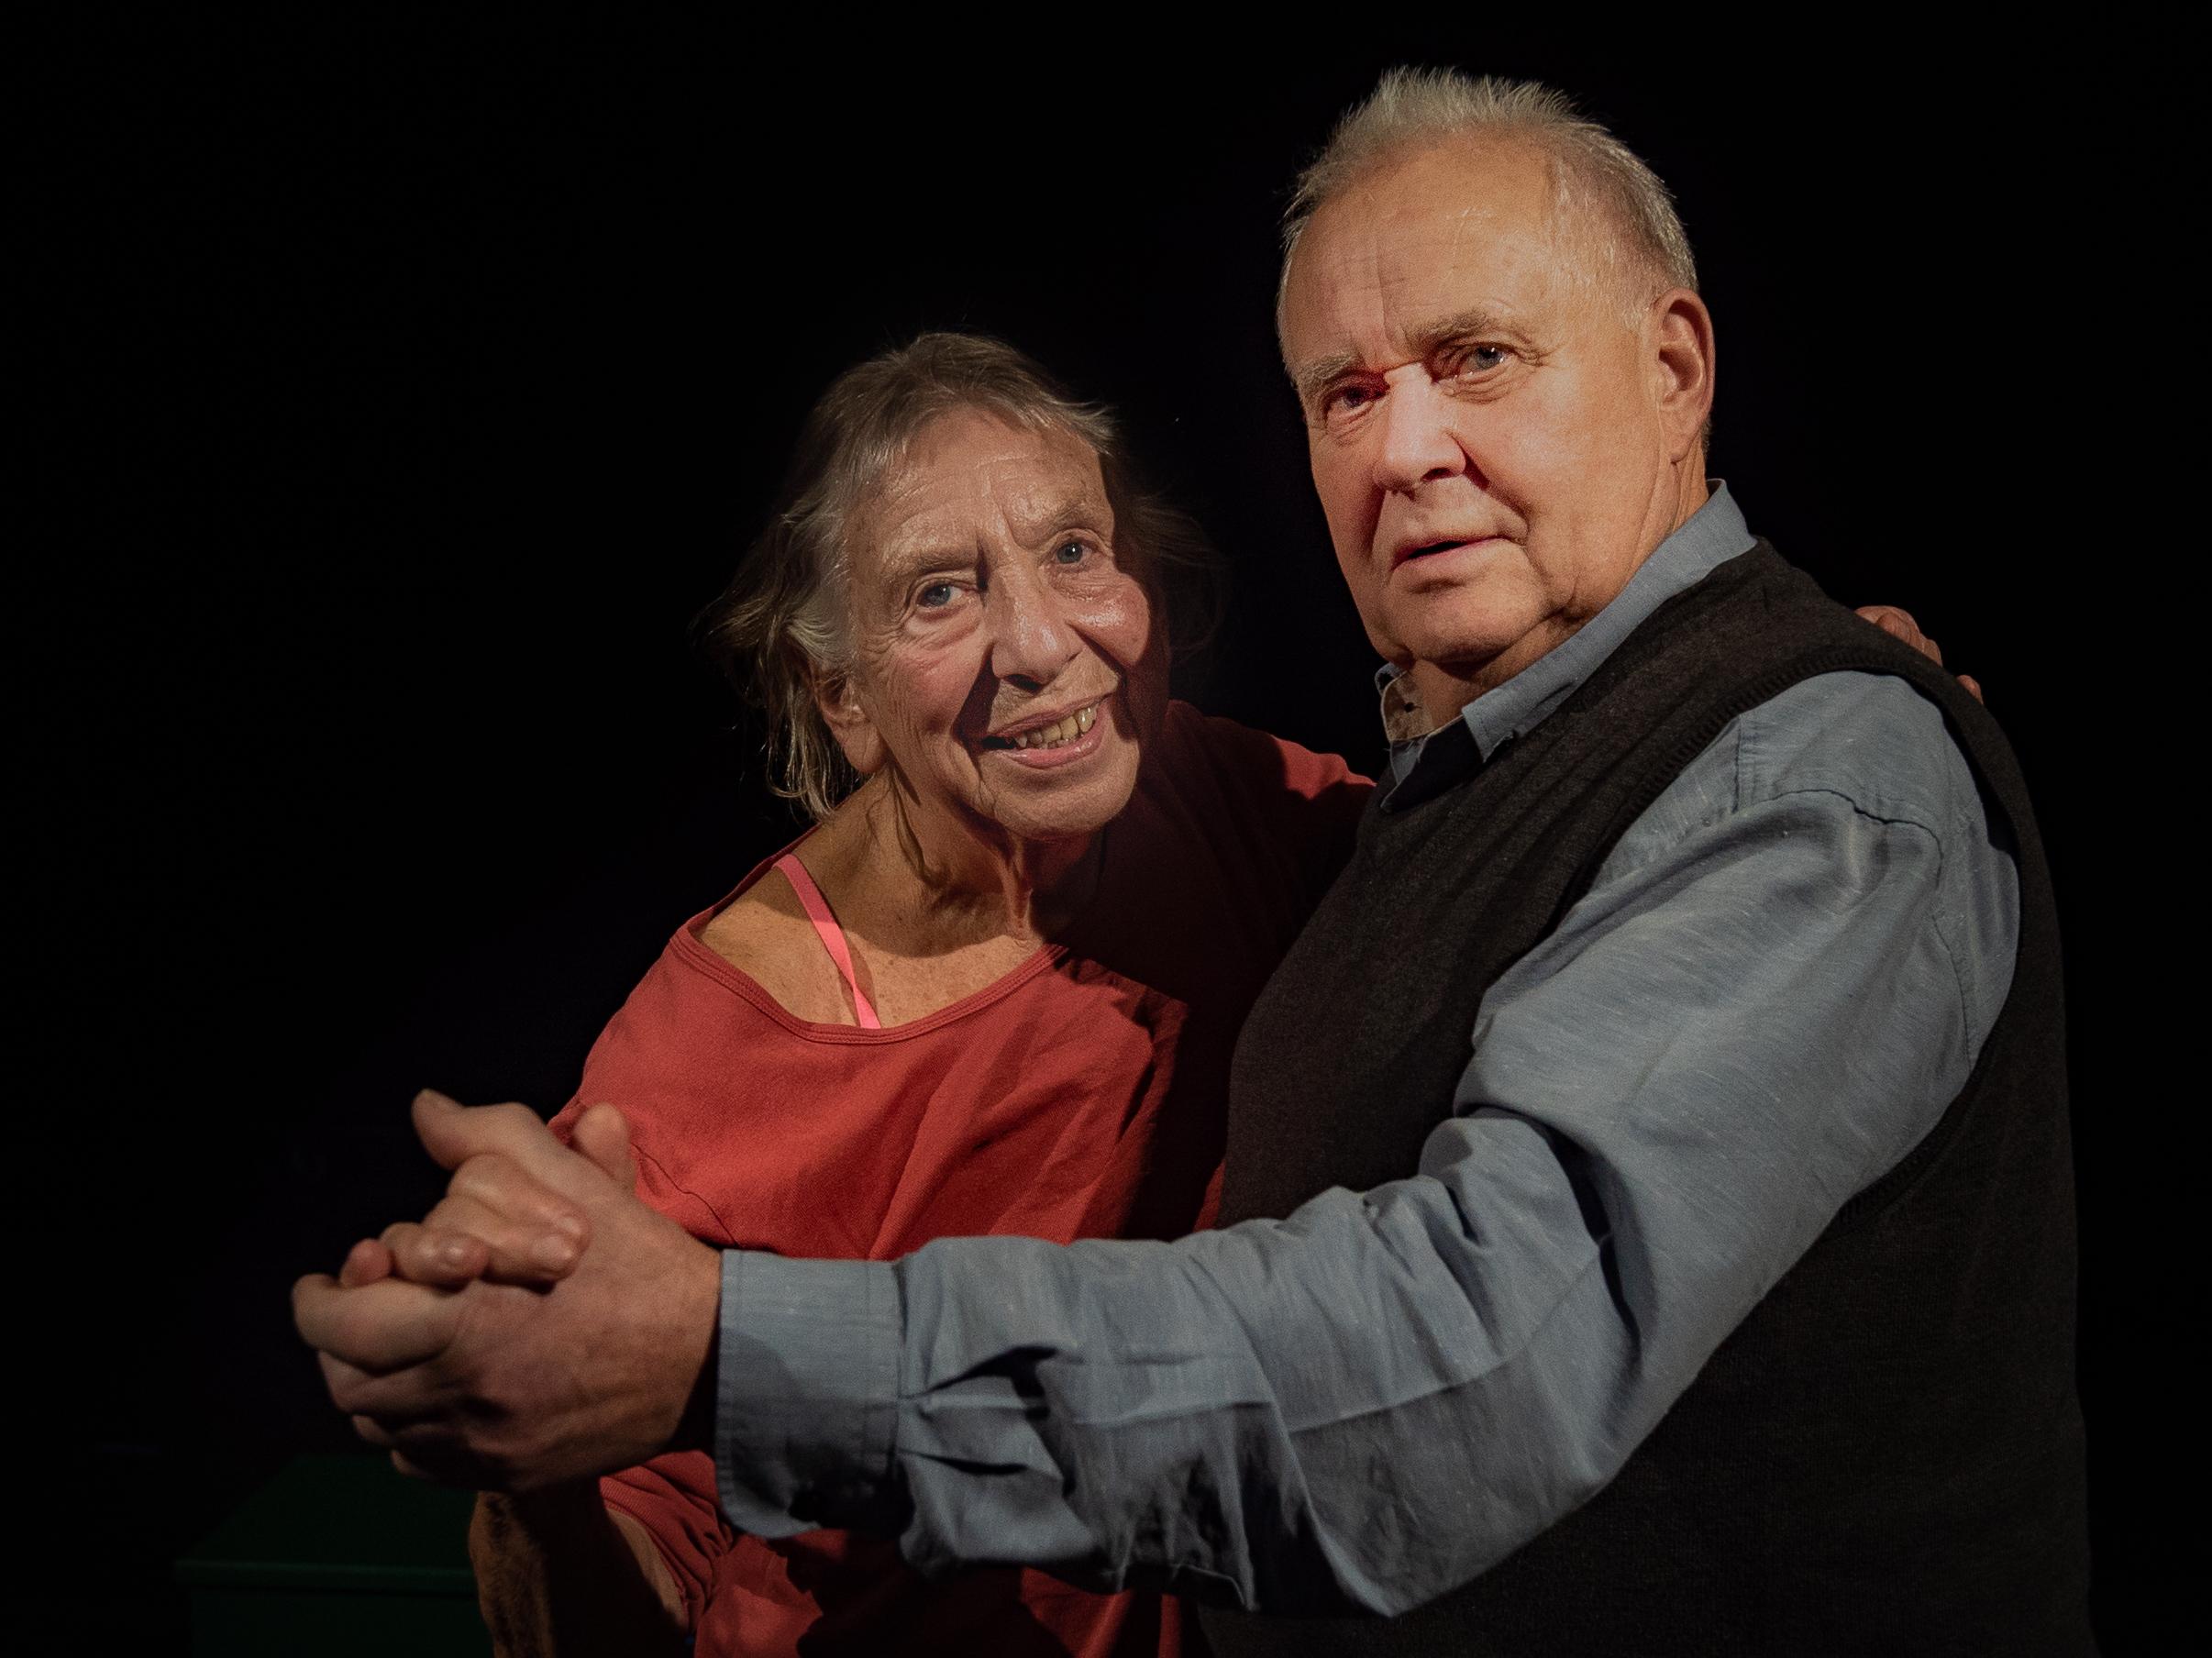 Sarah Thingnes (81) og Tollef Årdal (76) har dansa sidan ung alder og gler seg til å stå på scena. Foto: Johan Moen